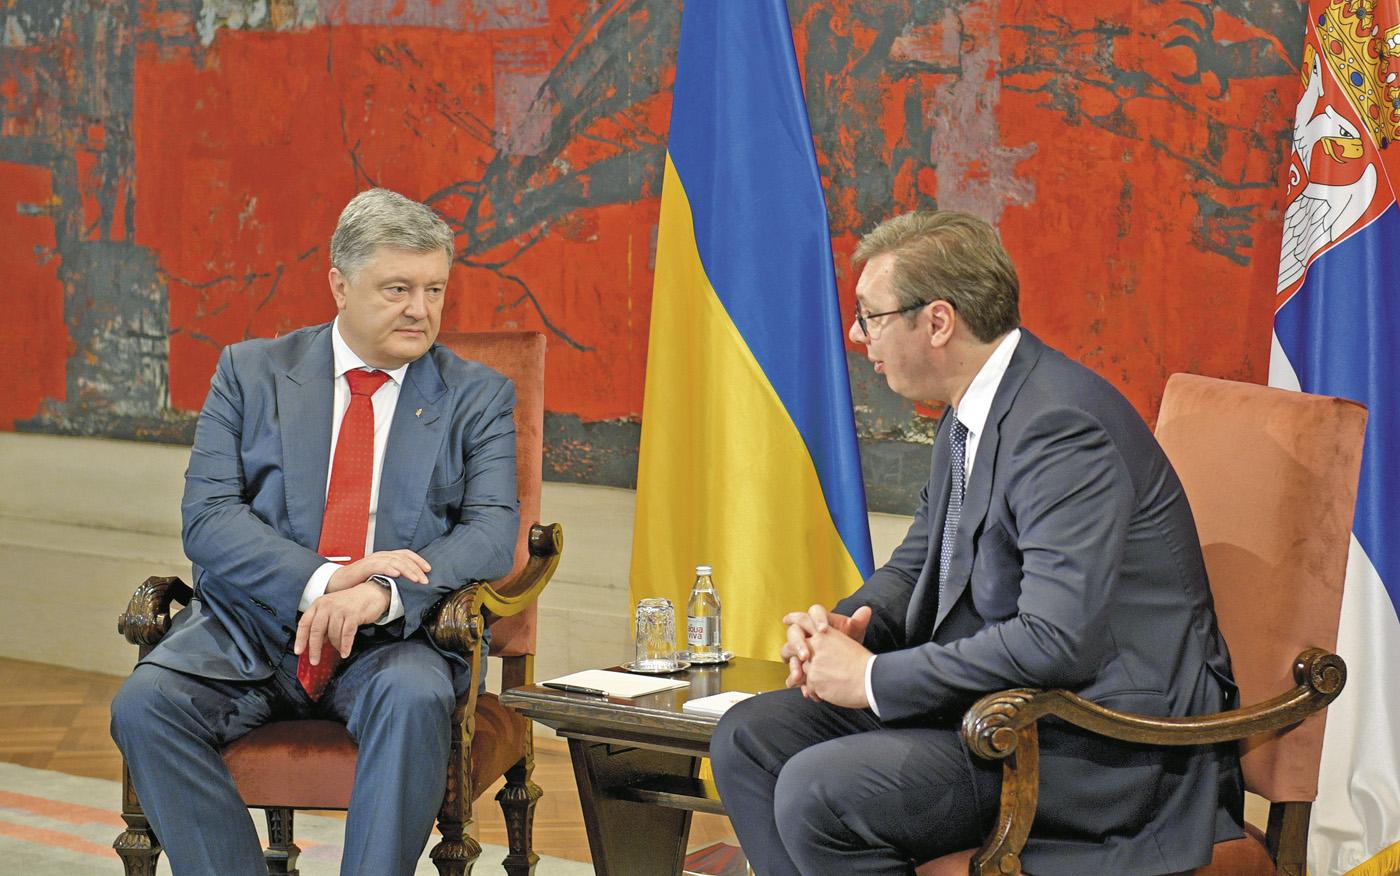 Петро Порошенко та Александр Вучич налагодили особистий контакт і дружній стиль спілкування